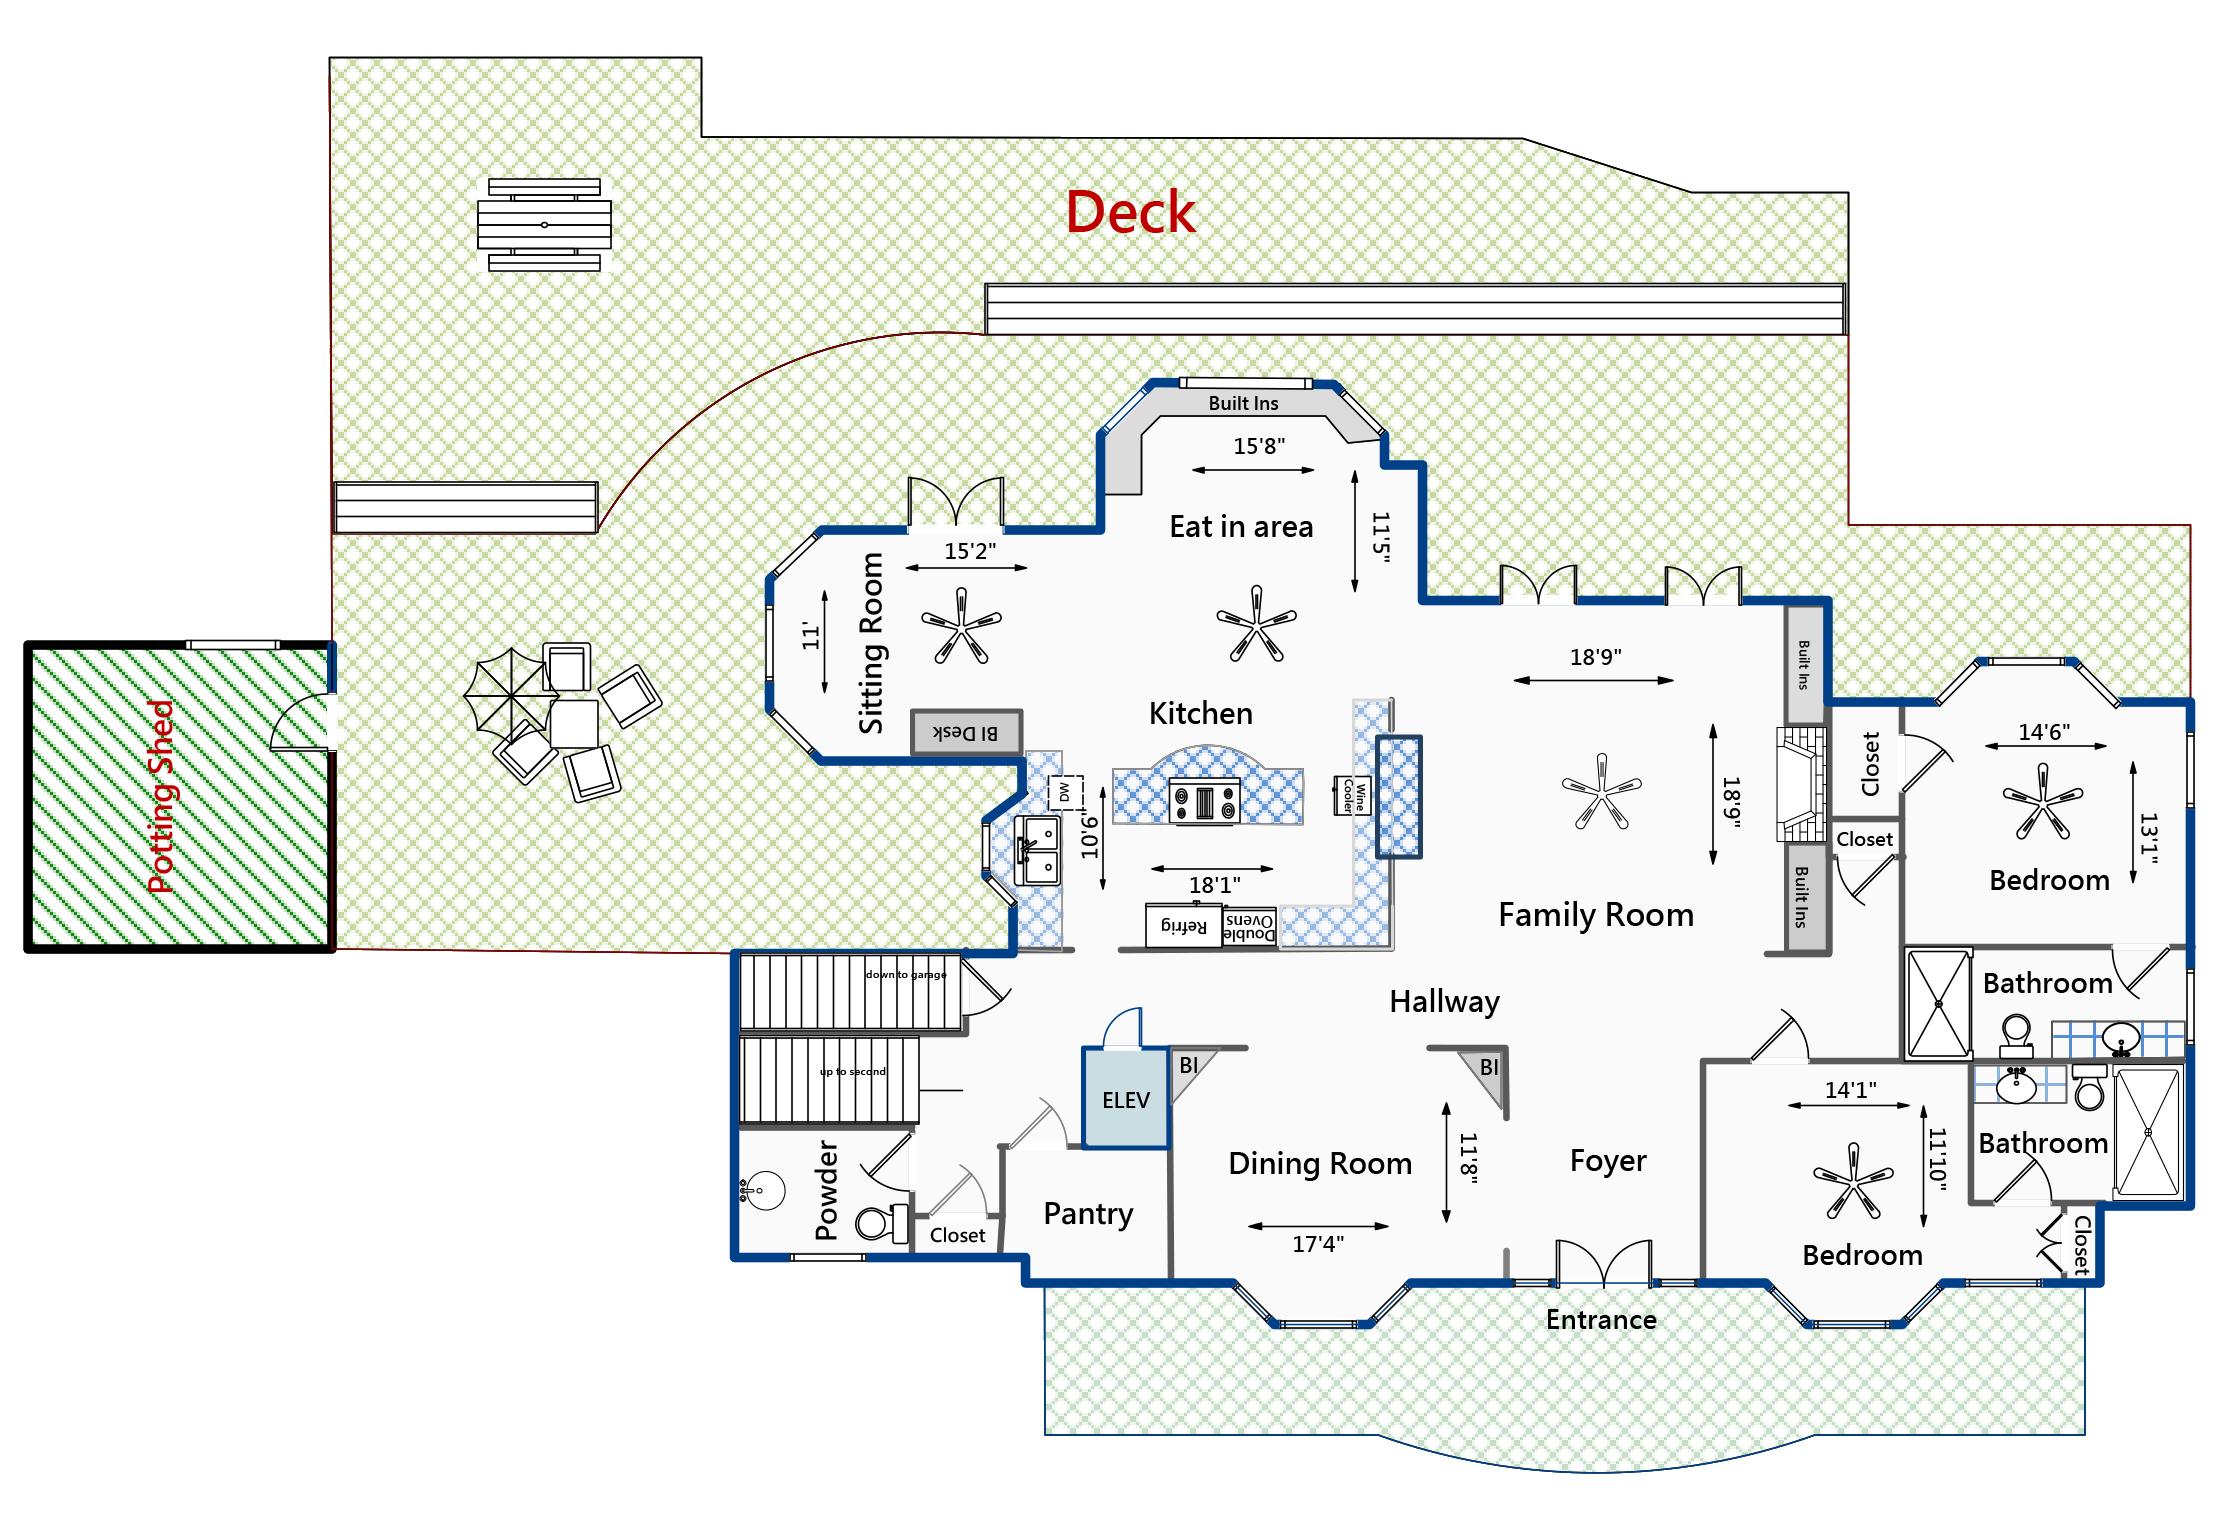 1405 Nancy Island floor deck